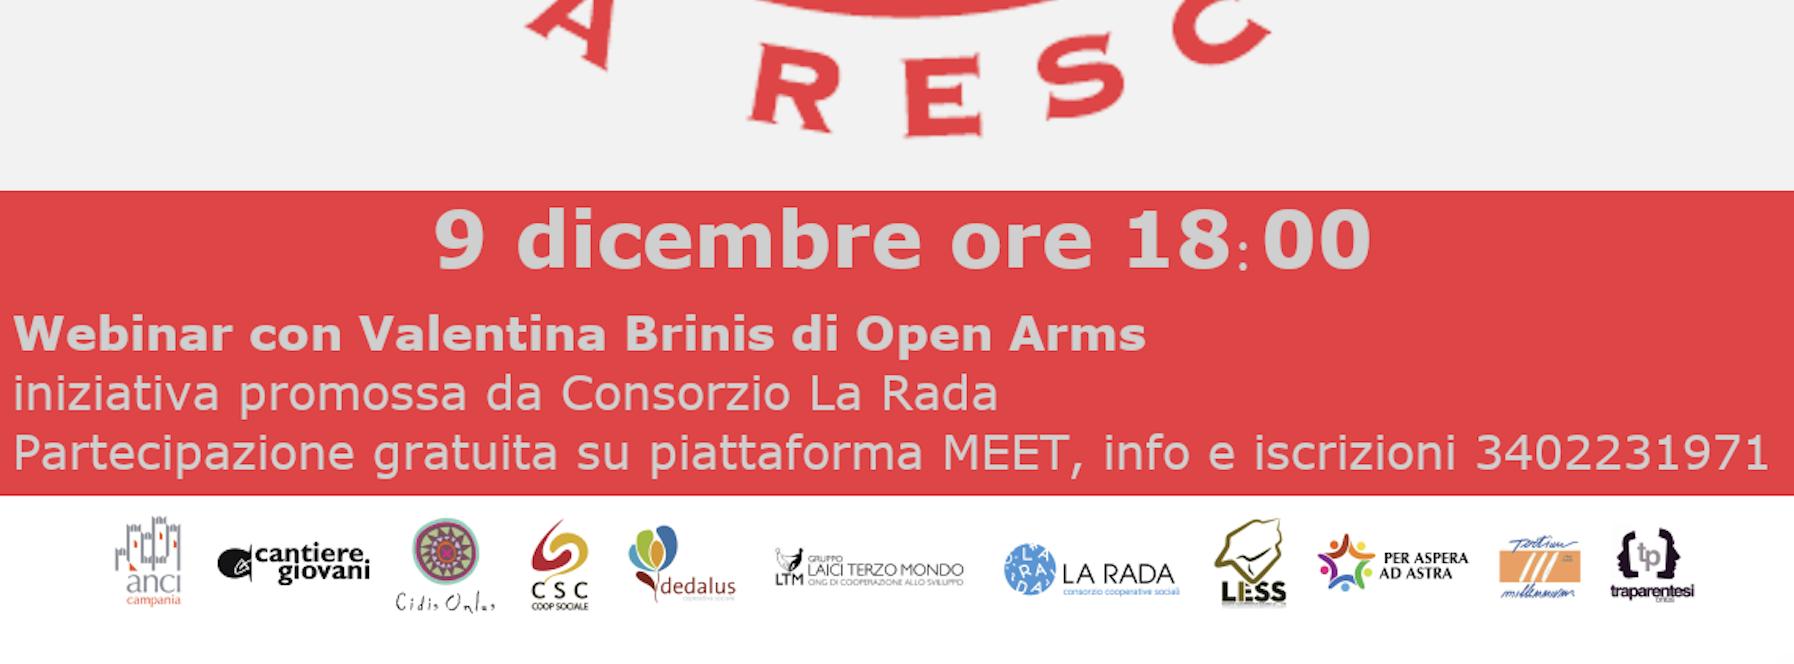 9 dicembre: incontro online con Valentina Brinis di Open Arms Italia